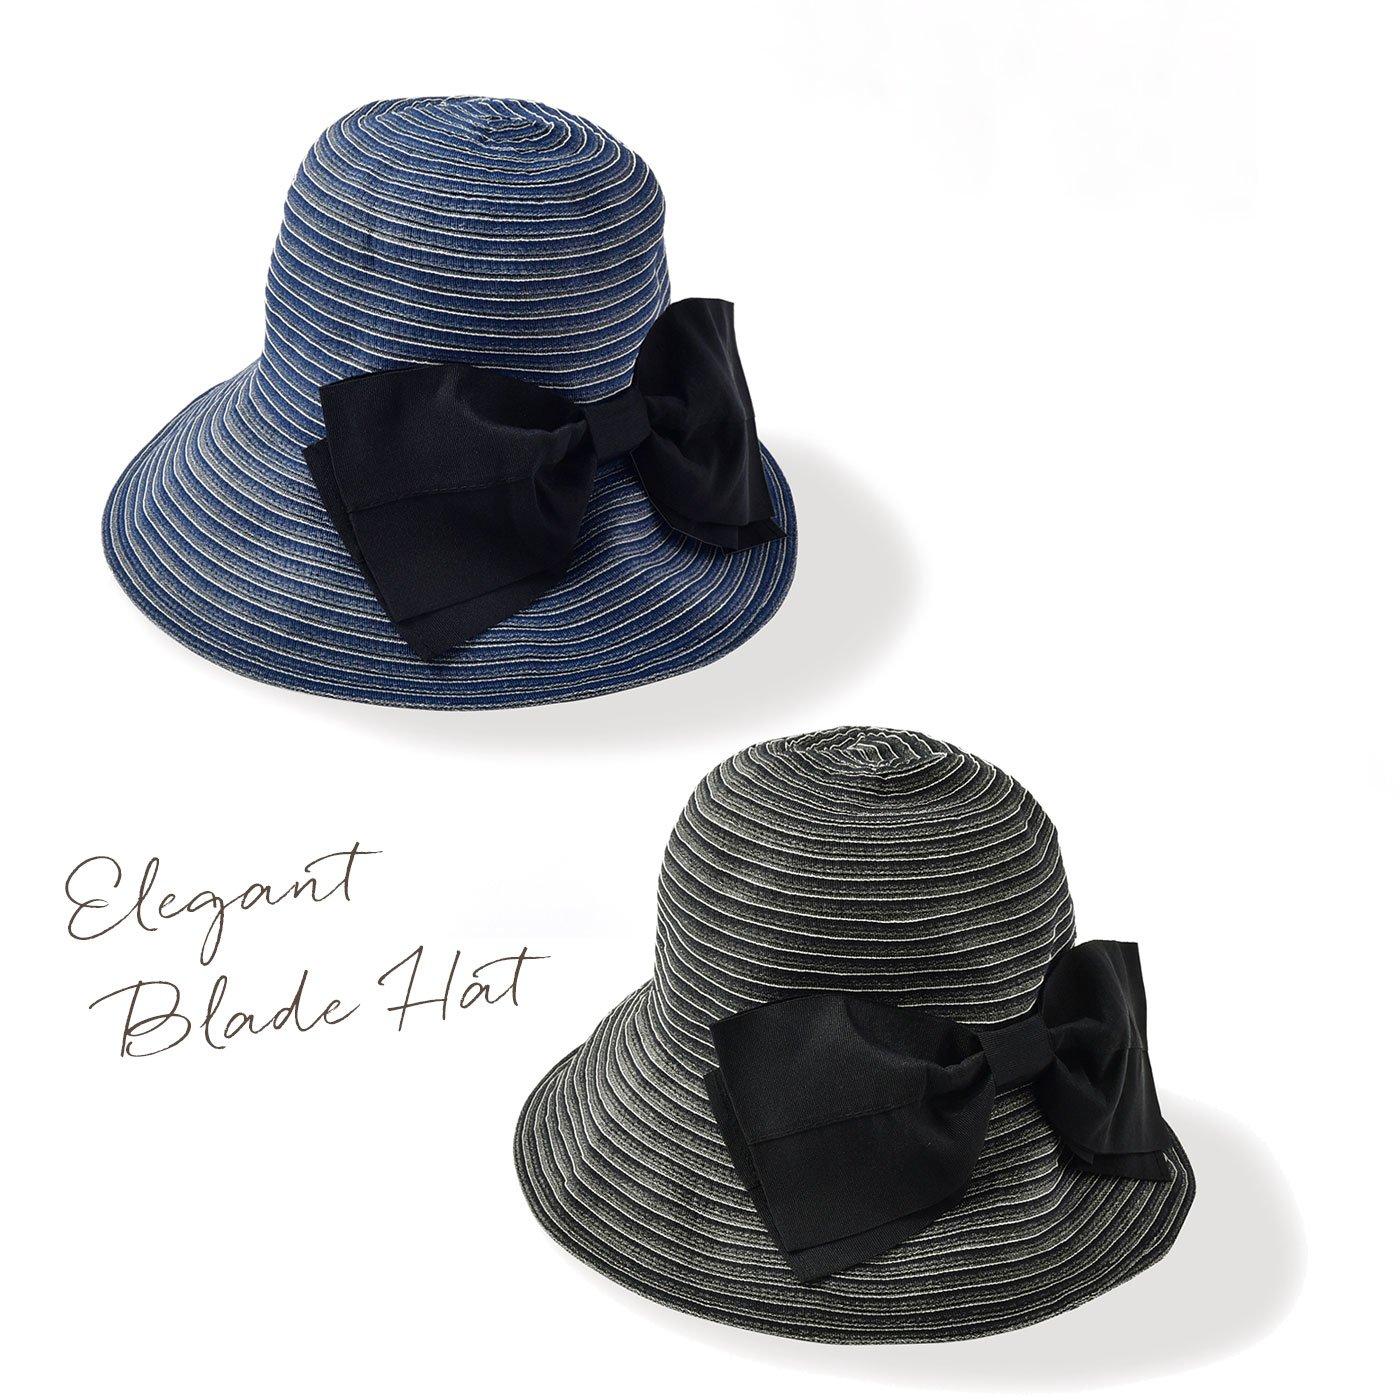 帽子の老舗と共同開発した デニム調UVブレードハット